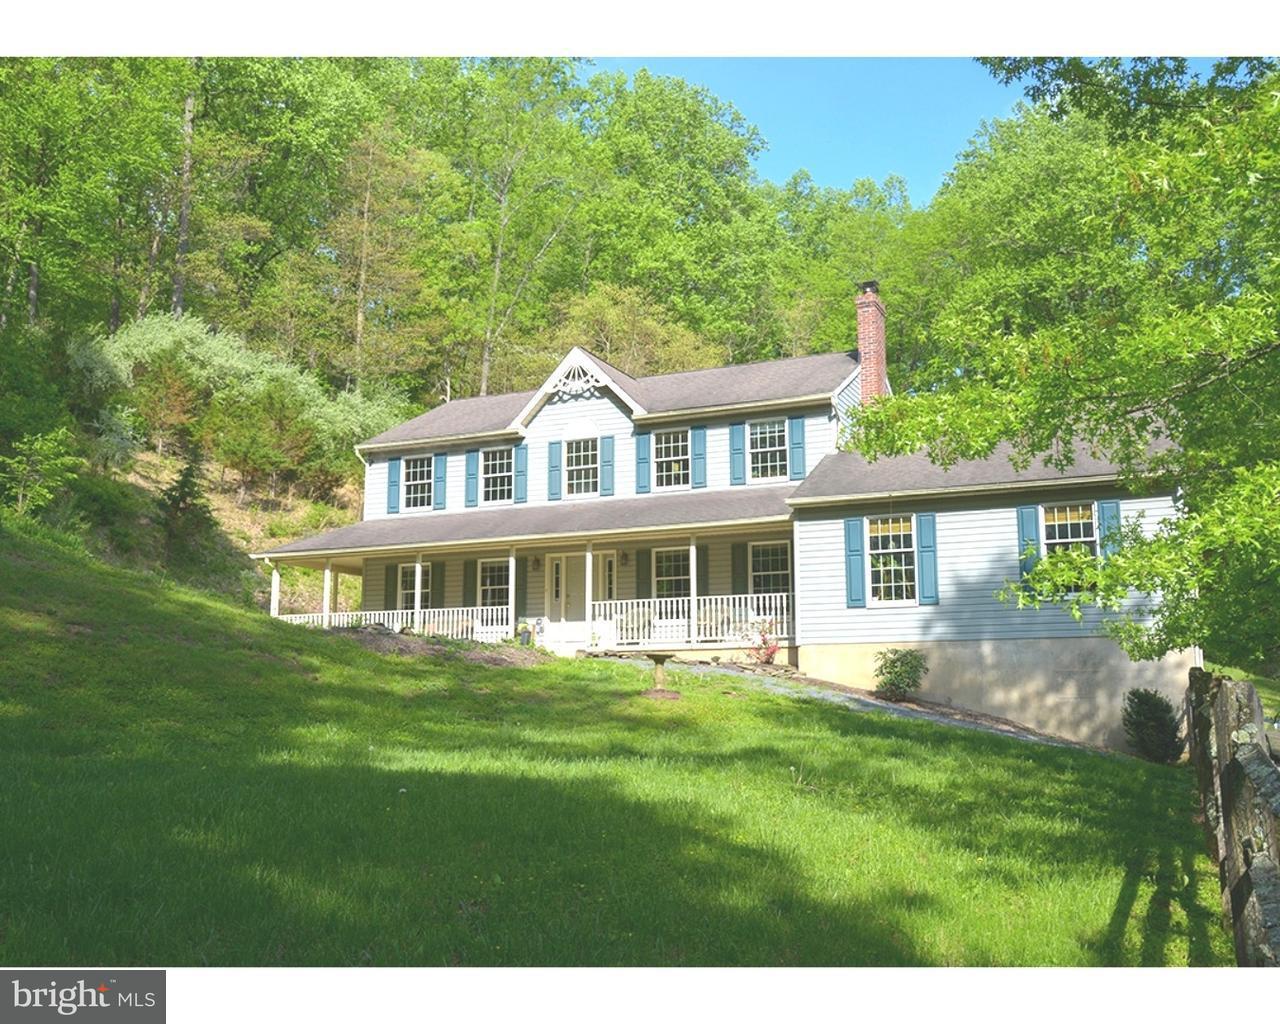 独户住宅 为 销售 在 431 CHURCH Road 米尔福德, 新泽西州 08848 美国